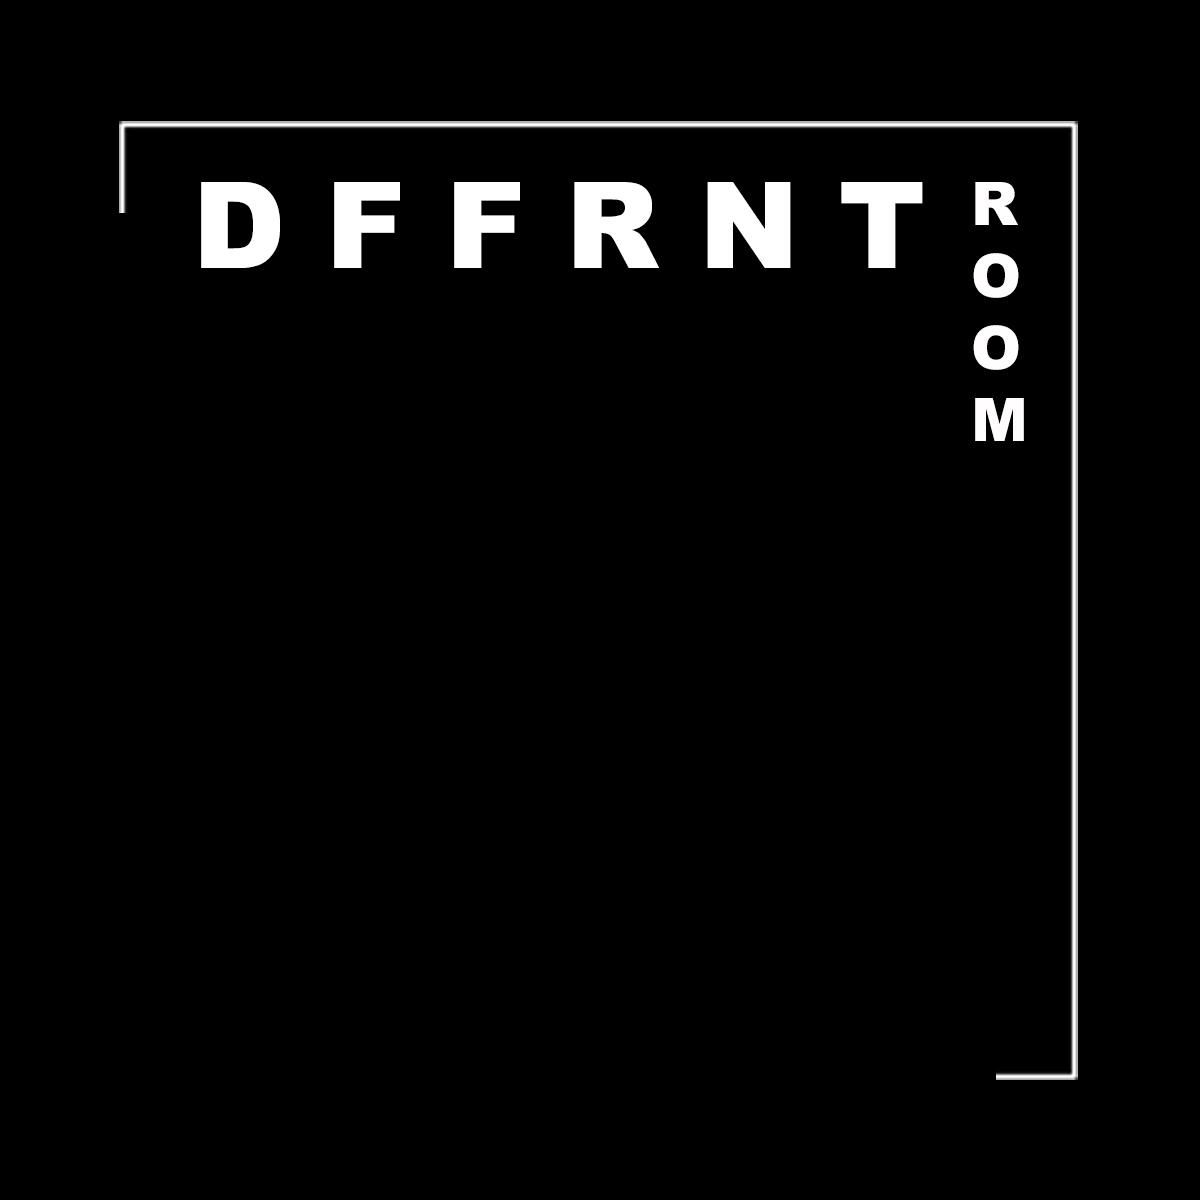 DFFRNTroom-logo-1